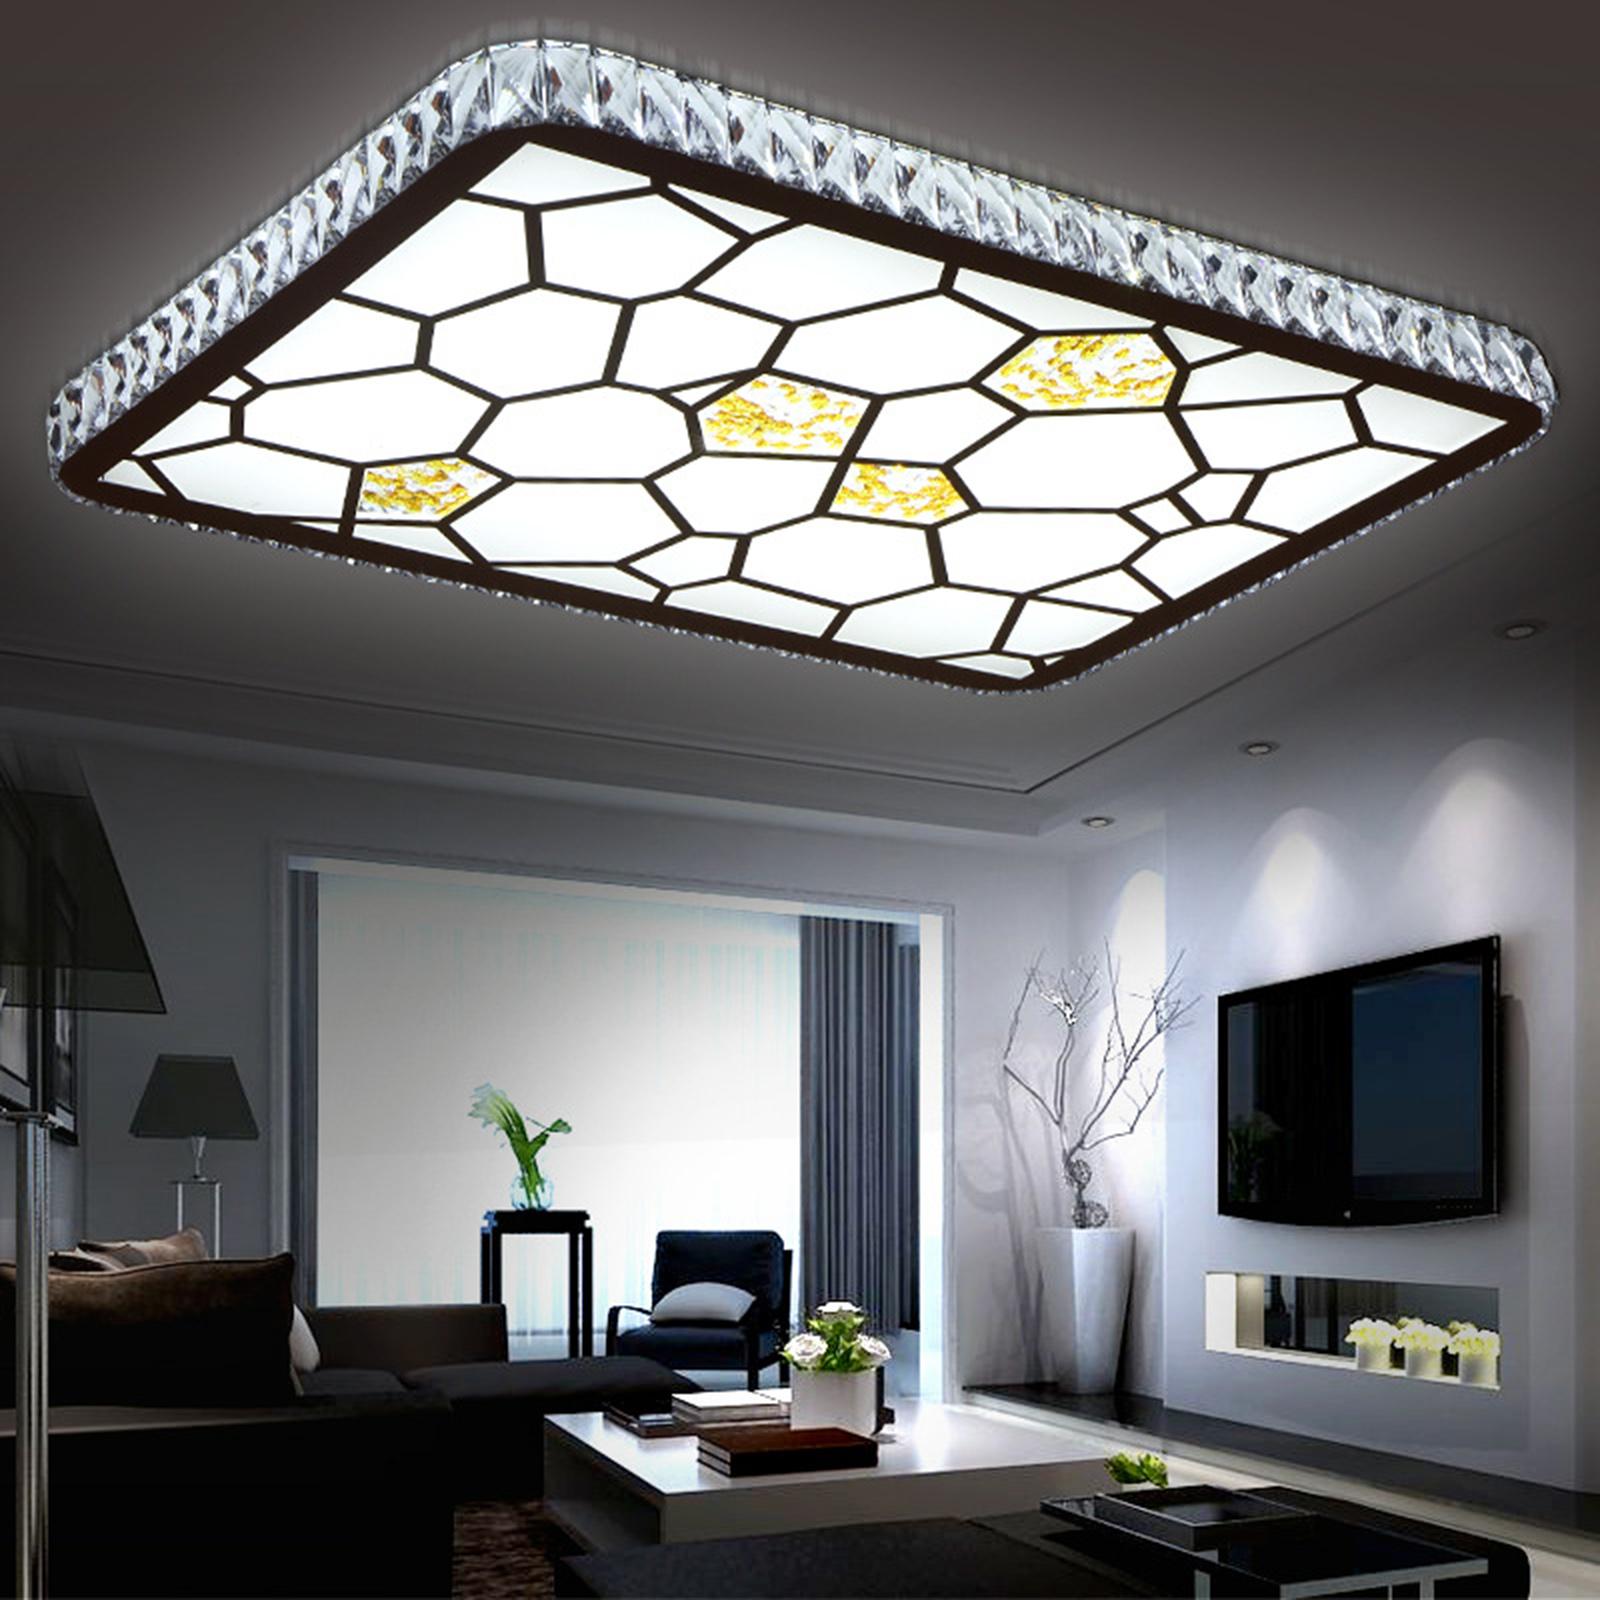 LED Deckenlampe Deckenleuchte Wohnzimmer Wasserwuerfel Designlampe 30W 48W